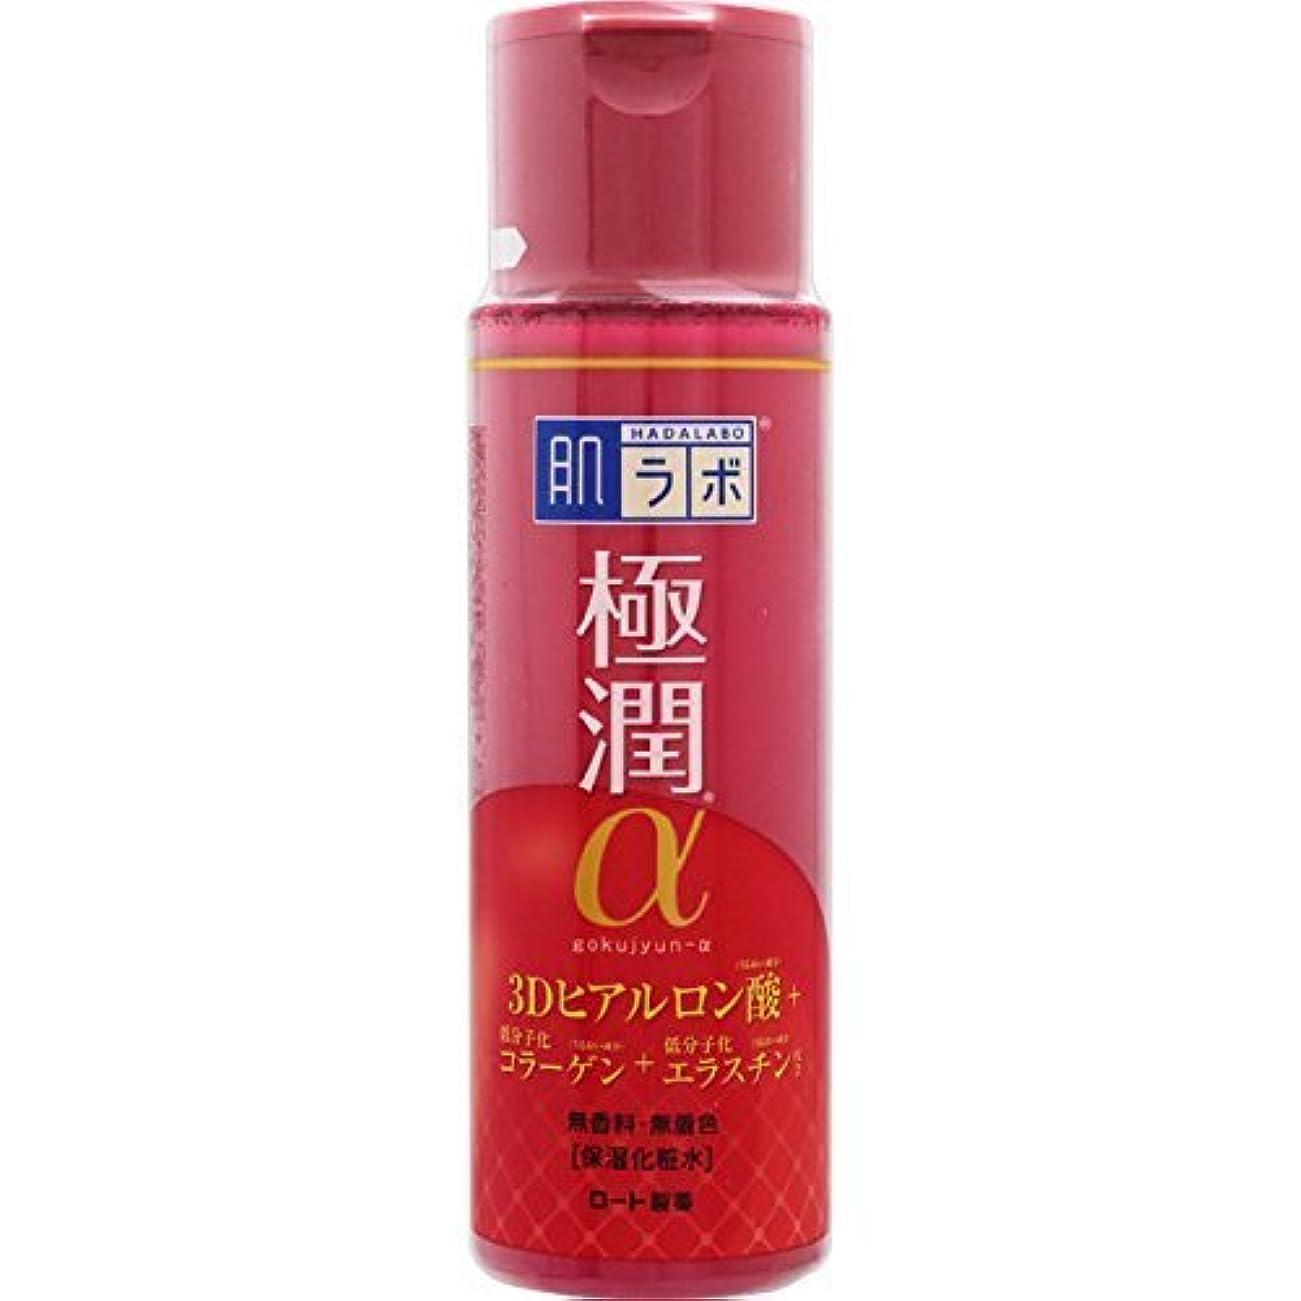 二層見つけた定義(2016年秋の新商品)(ロート製薬)肌ラボ極潤α 3Dヒアルロン酸保湿化粧水 170ml